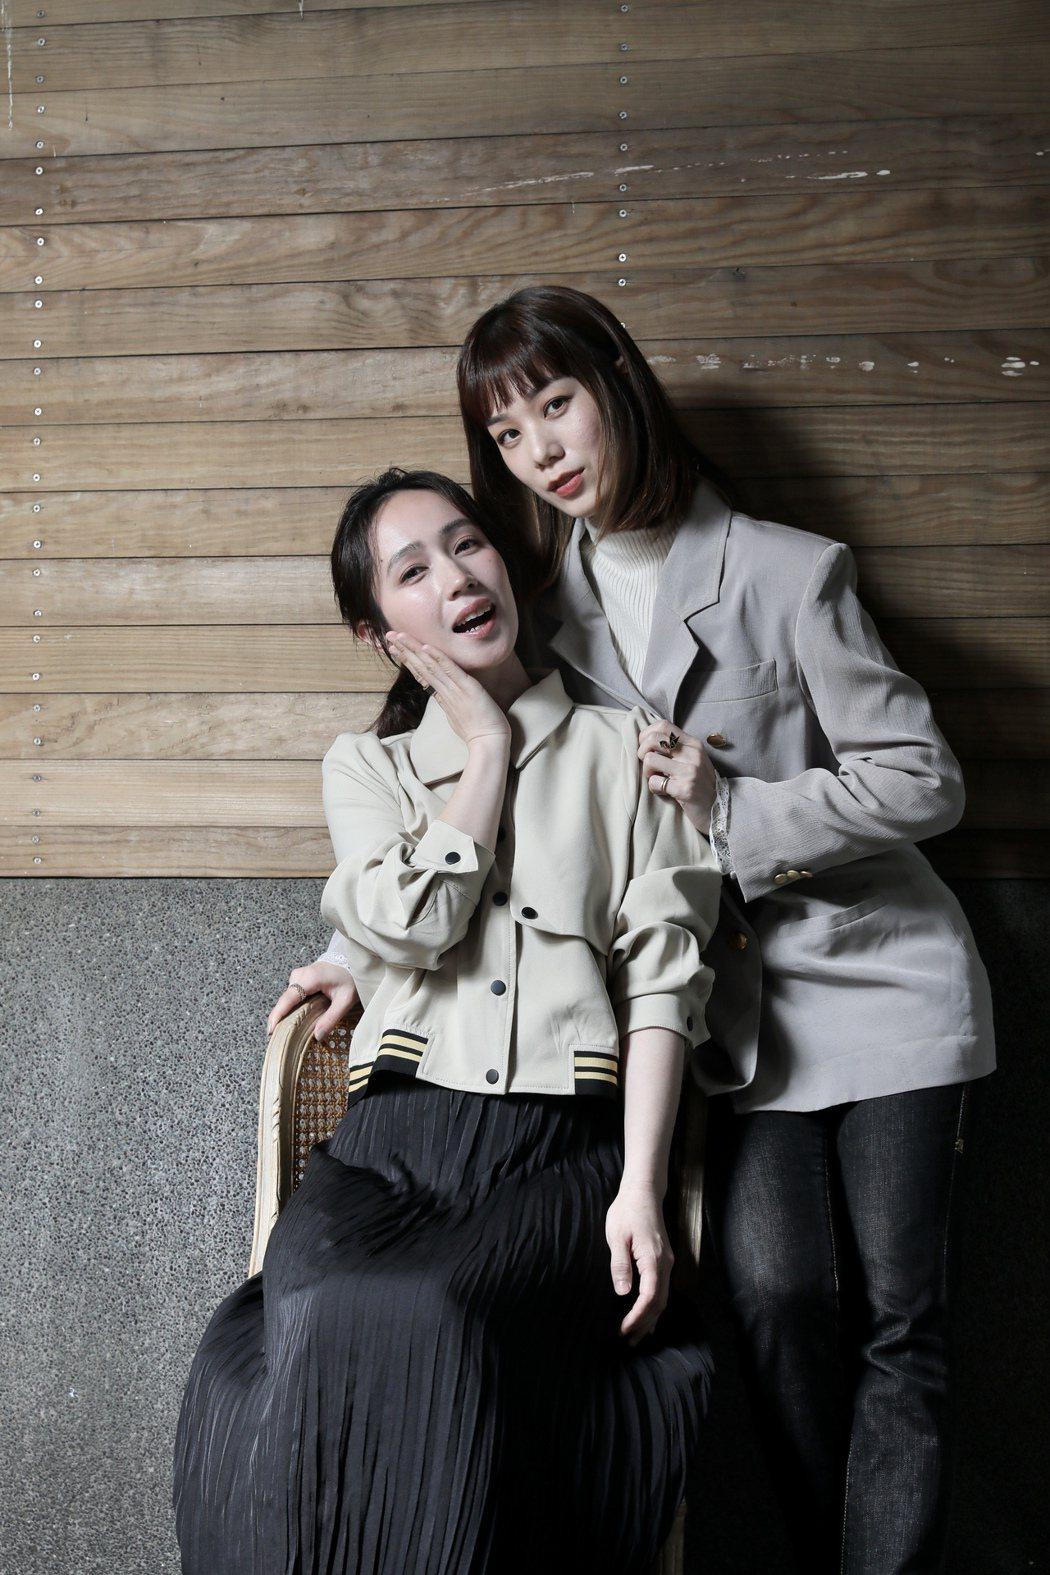 涵冷娜、小薰在「揭大歡喜」扮演情侶。記者李政龍/攝影